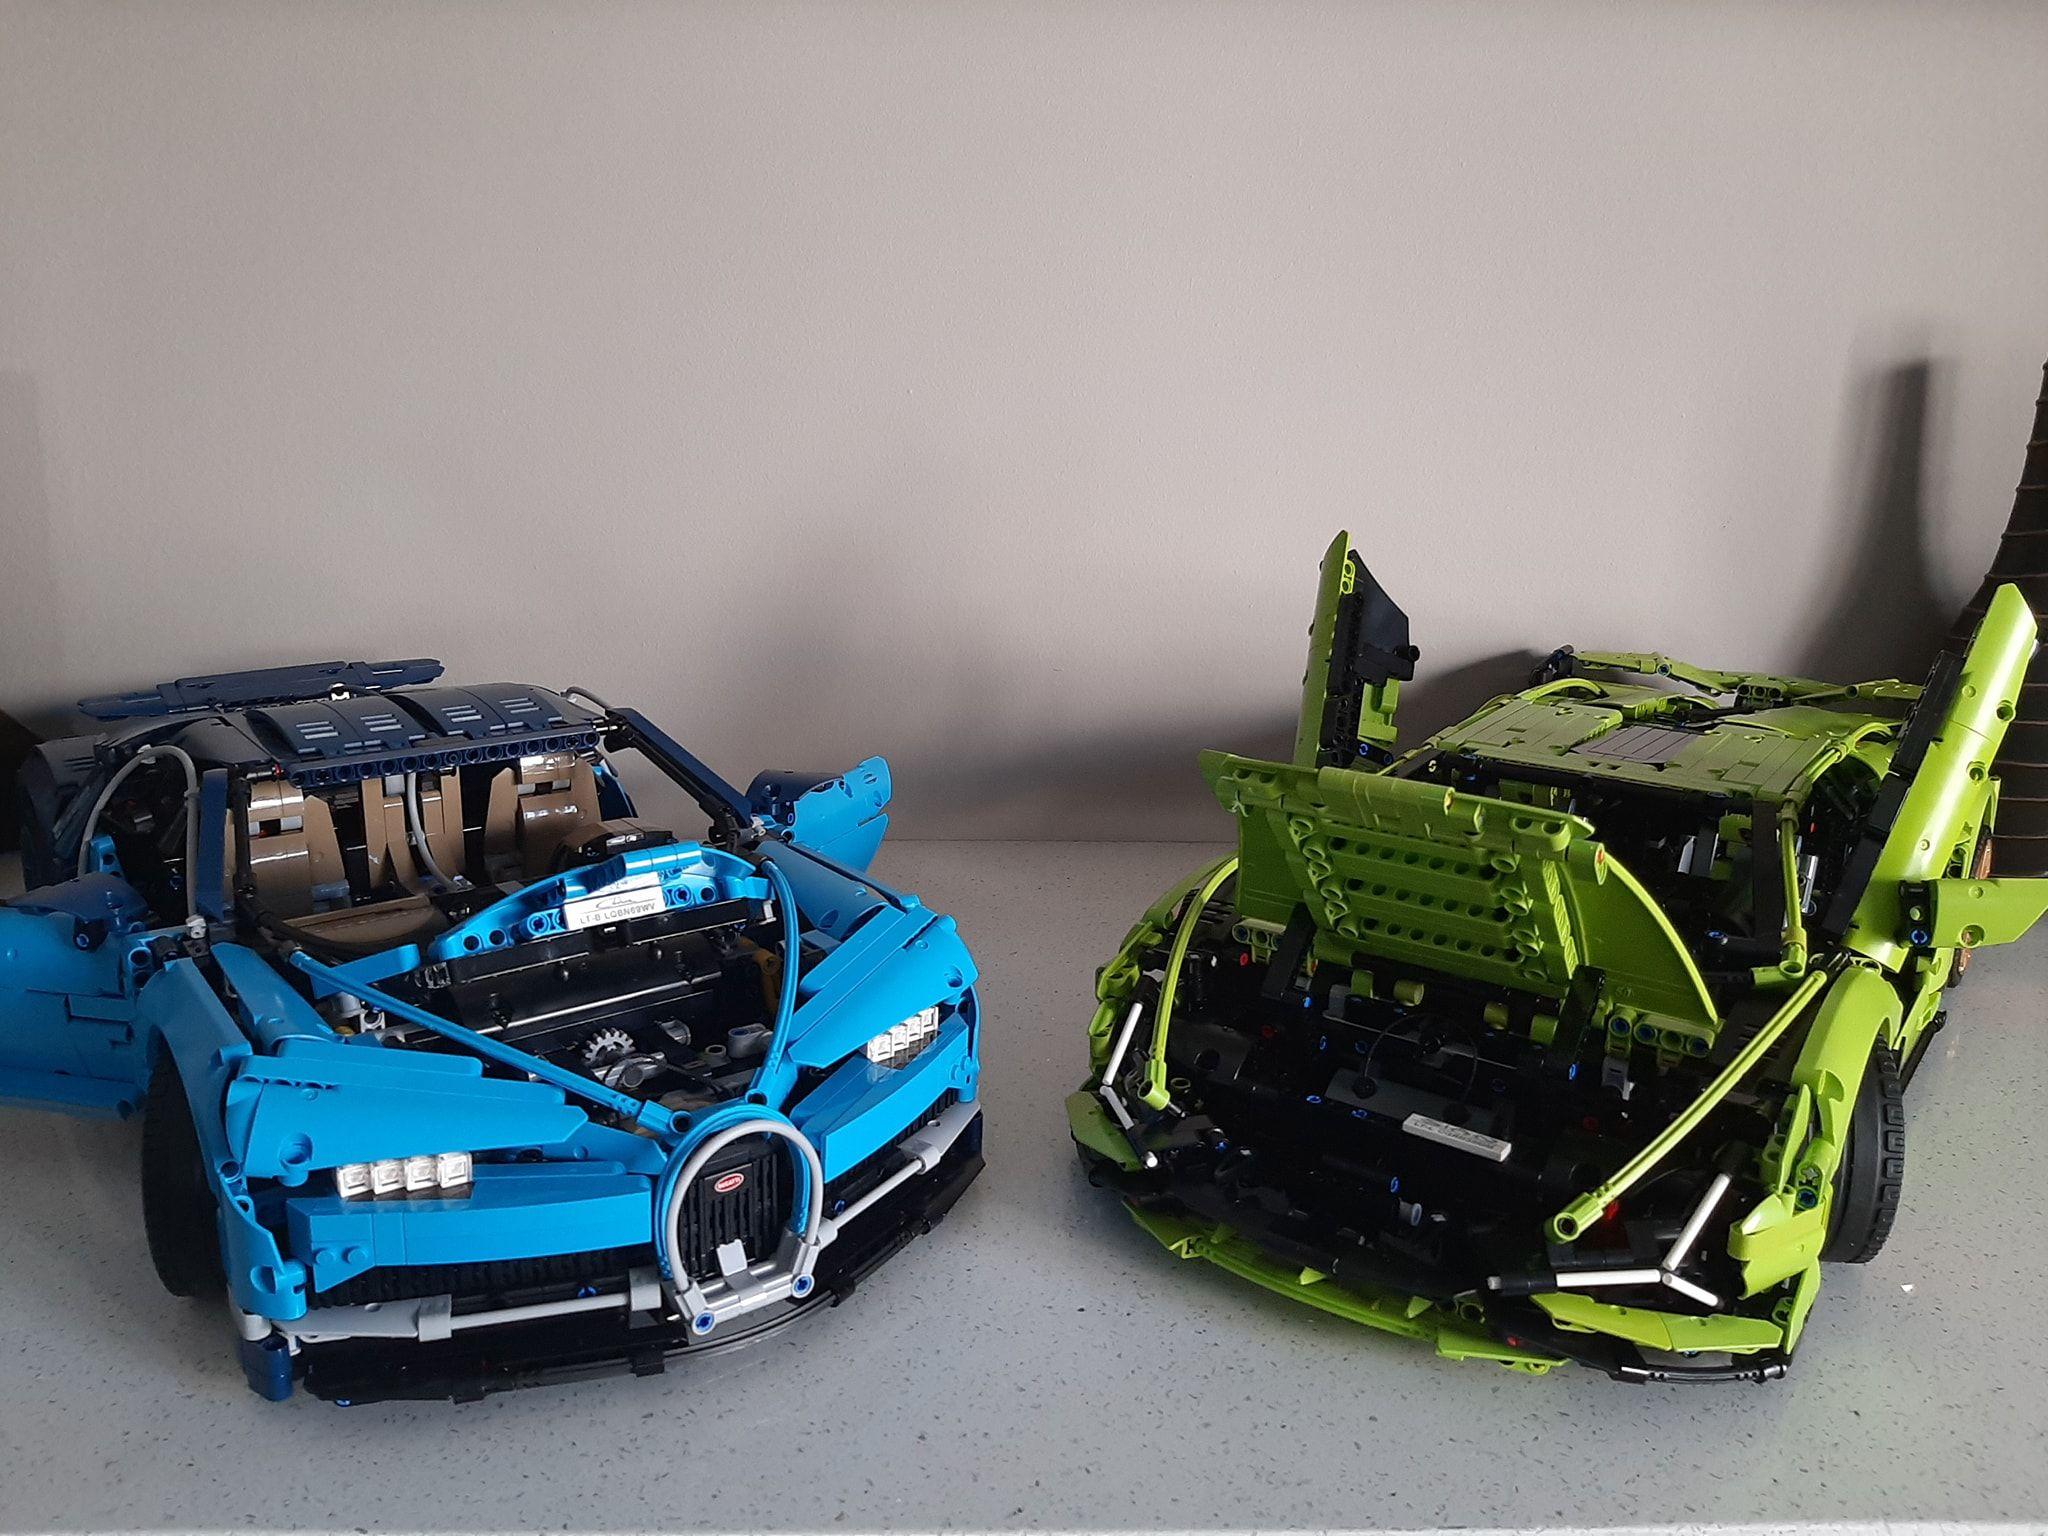 Lego Technic Lamborghini Sian Fkp 37 42115 Lego Technic Lego Funny Cute Cats